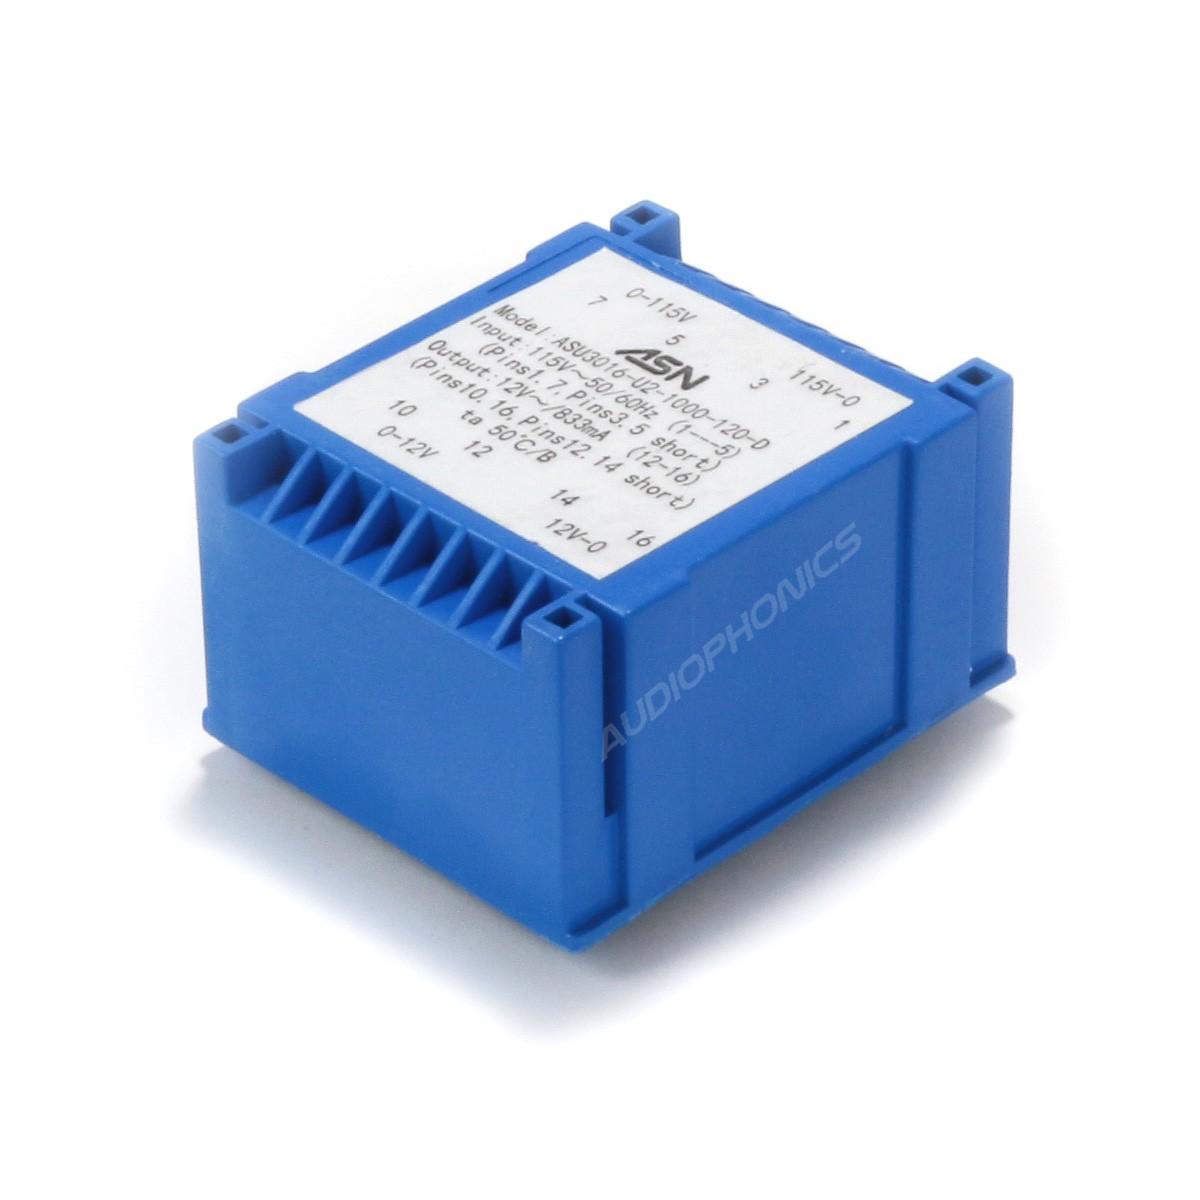 Transformer for PCB UI 30/8 2x12V 0,42A 10VA